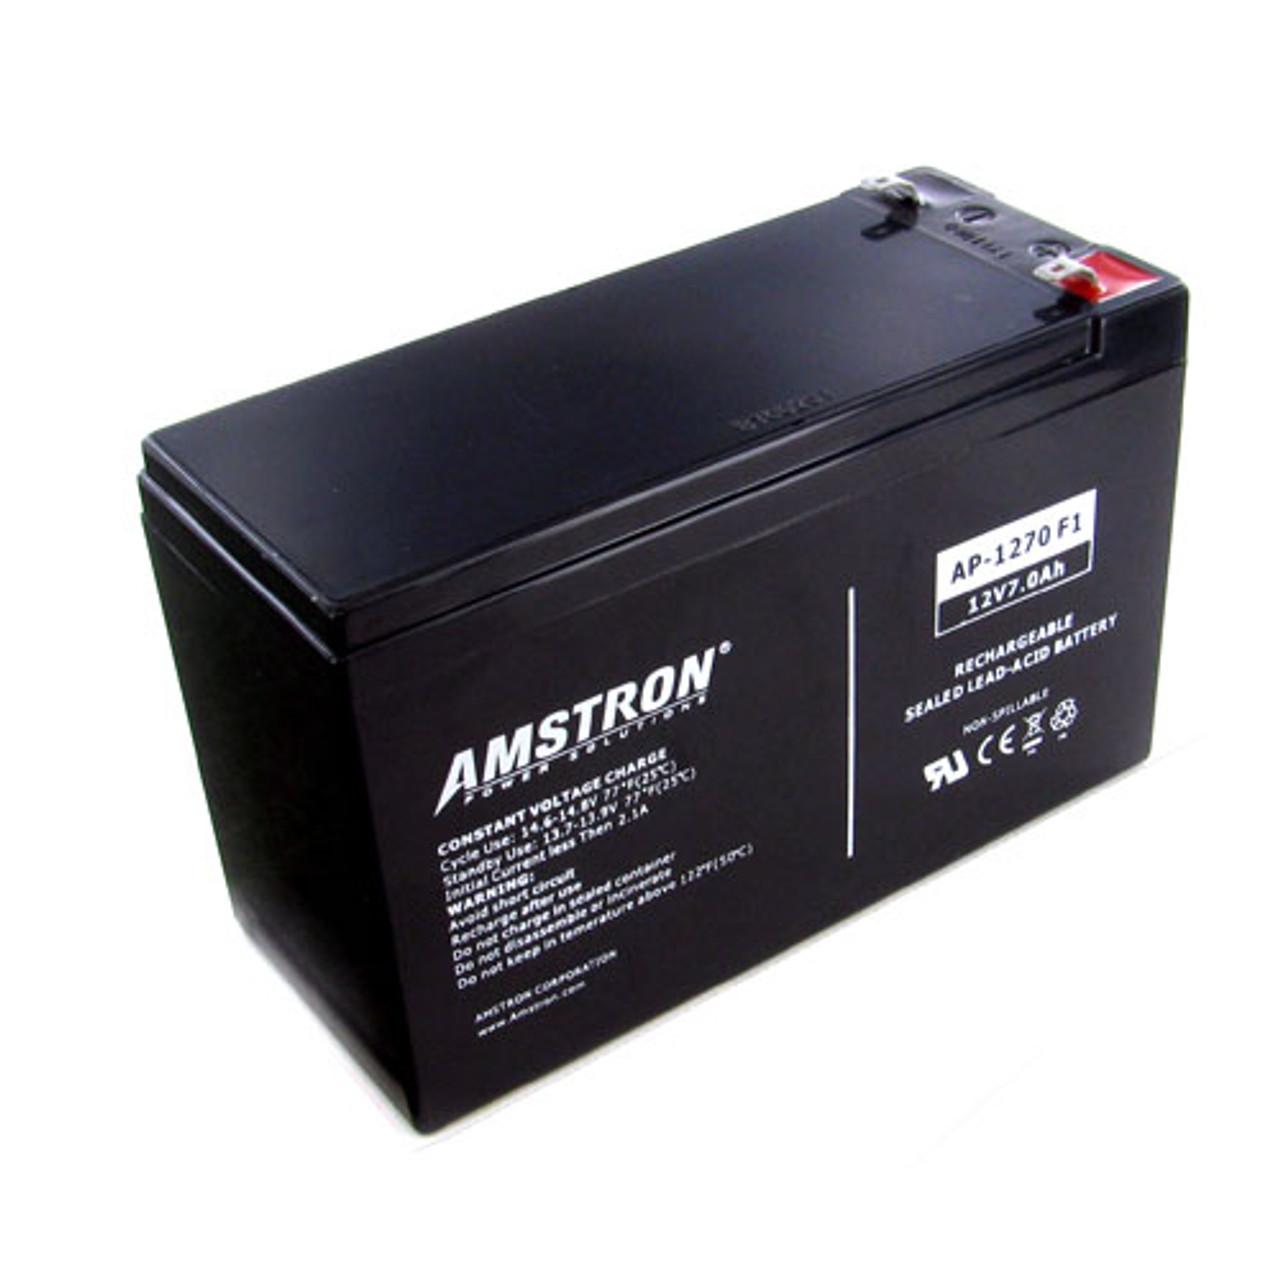 F1 Adapter Yuasa Genesis NP7-12 12V//7Ah SLA Battery F2 Terminal